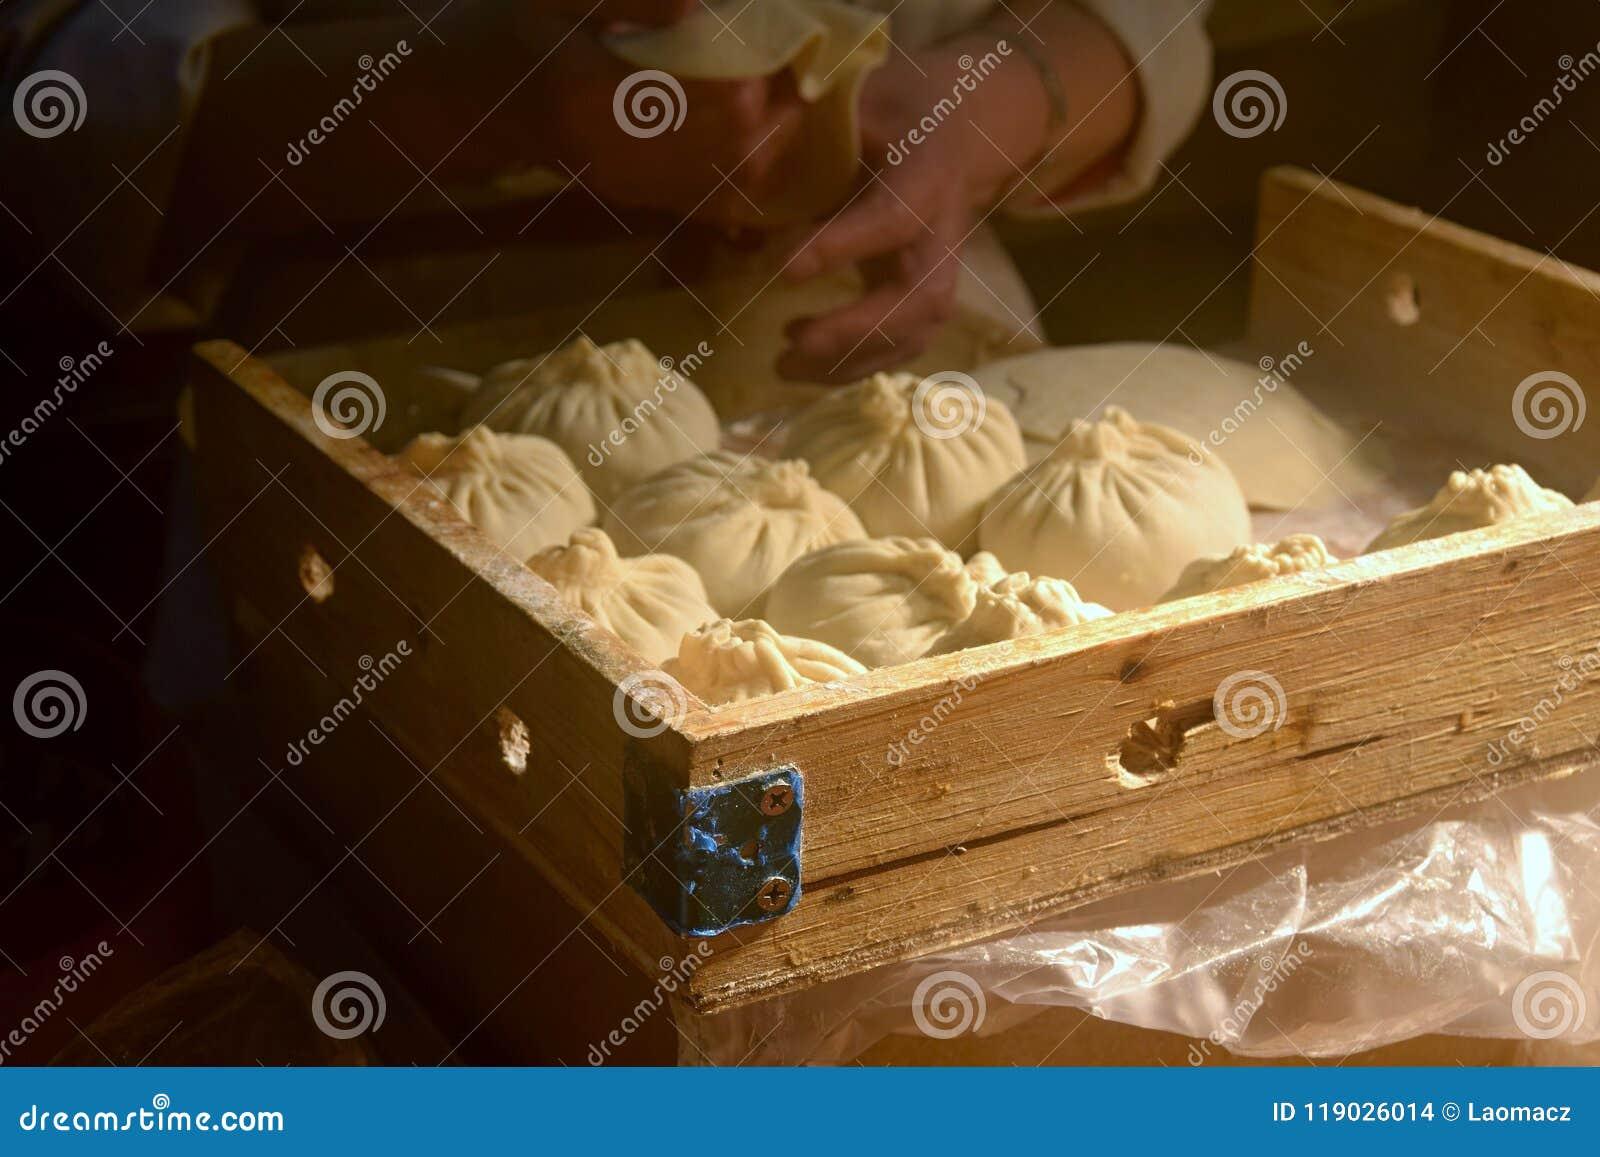 Μια γυναίκα κάνει τη ζύμη το κινεζικό bao zi ` μπουλεττών ` που γεμίζεται με το κρέας και το λαχανικό